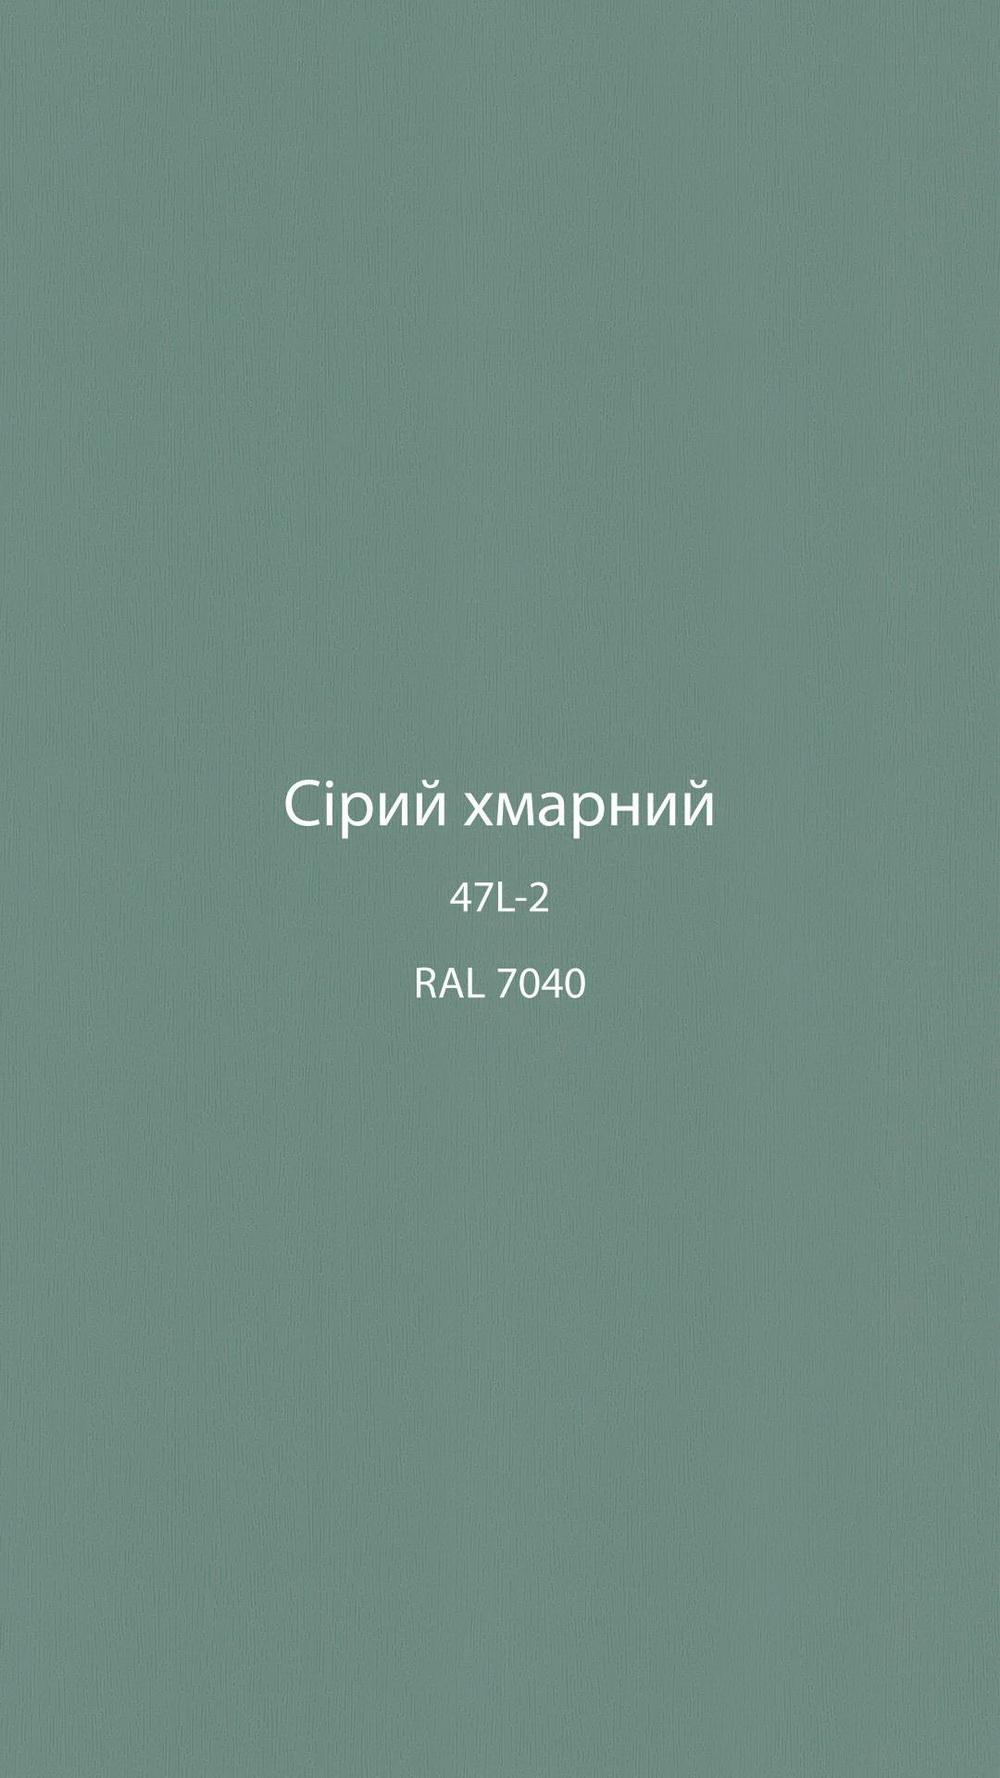 Сірий хмарний - колір ламінації профілів заводу EKIPAZH